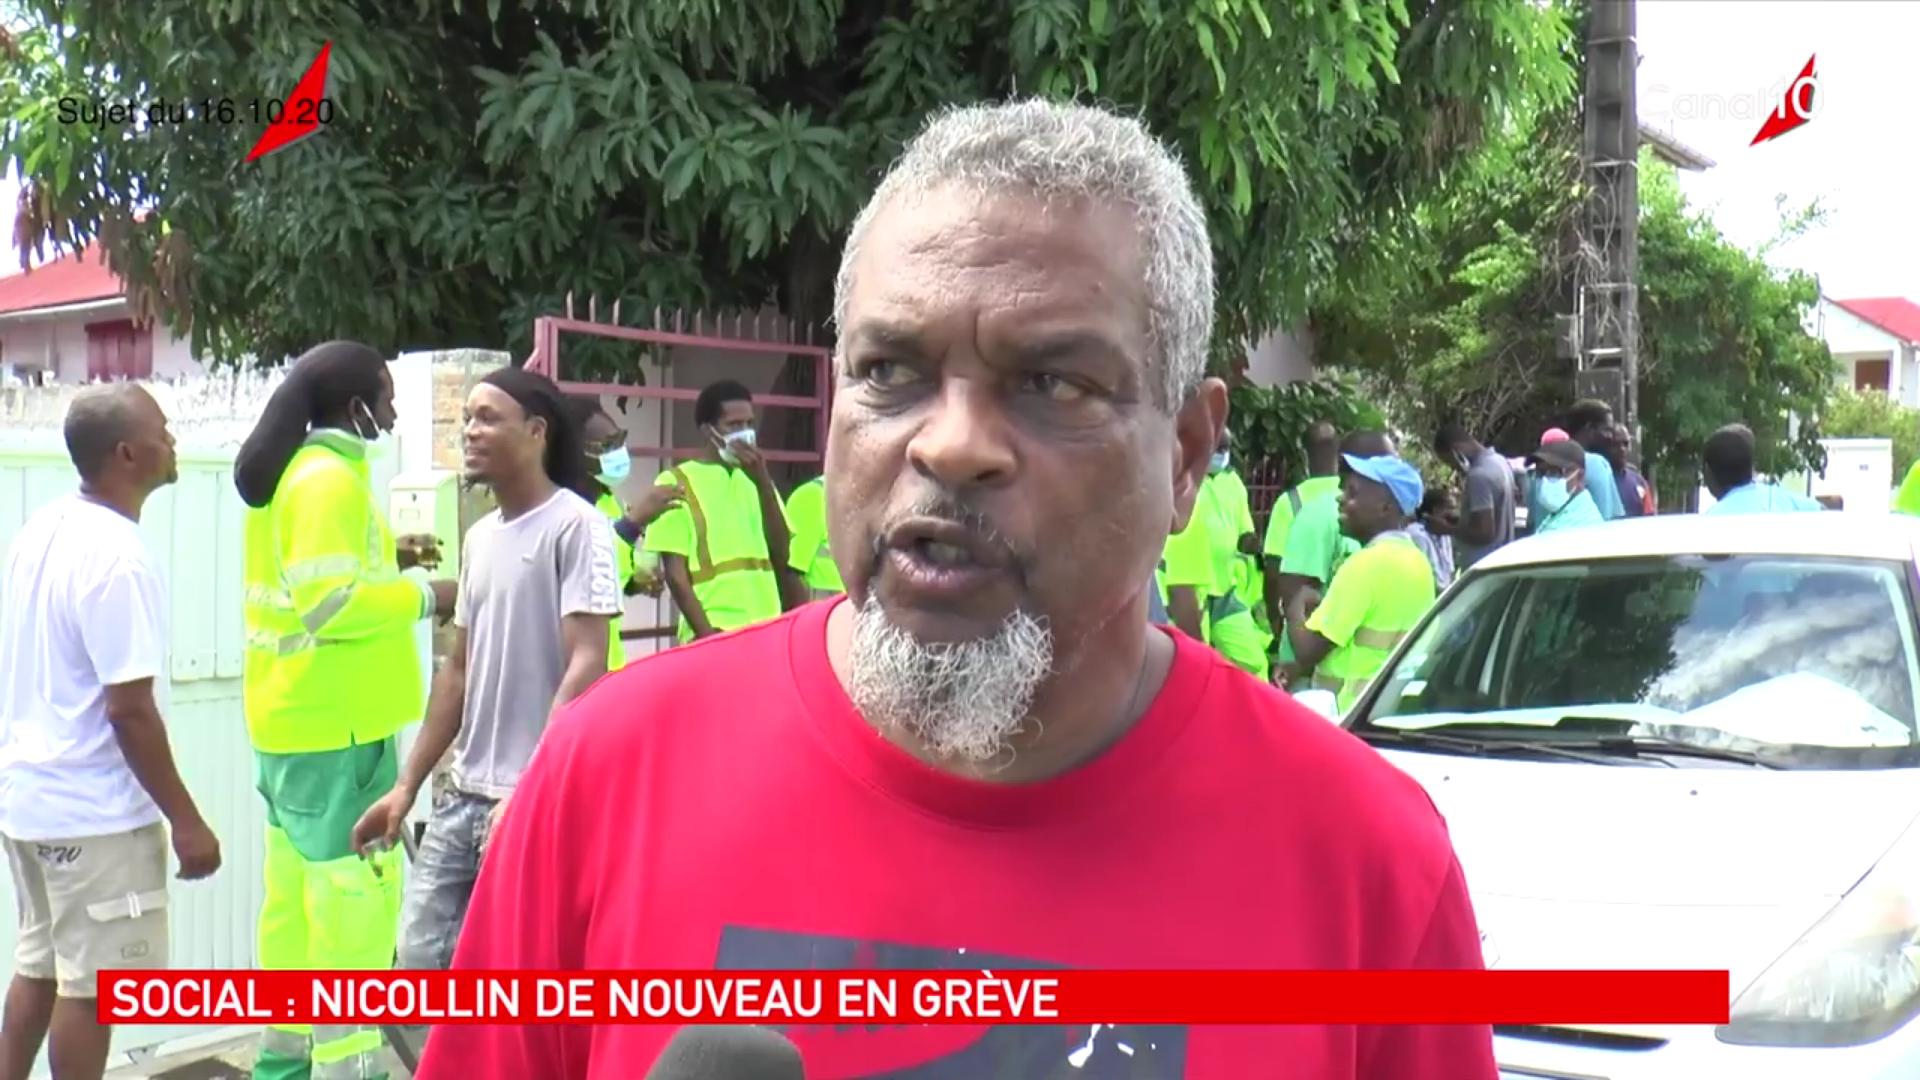 [Vidéo] Onews Guadeloupe. Les agents de l entreprise Nicollin à BasseTerre en grève (canal 10)